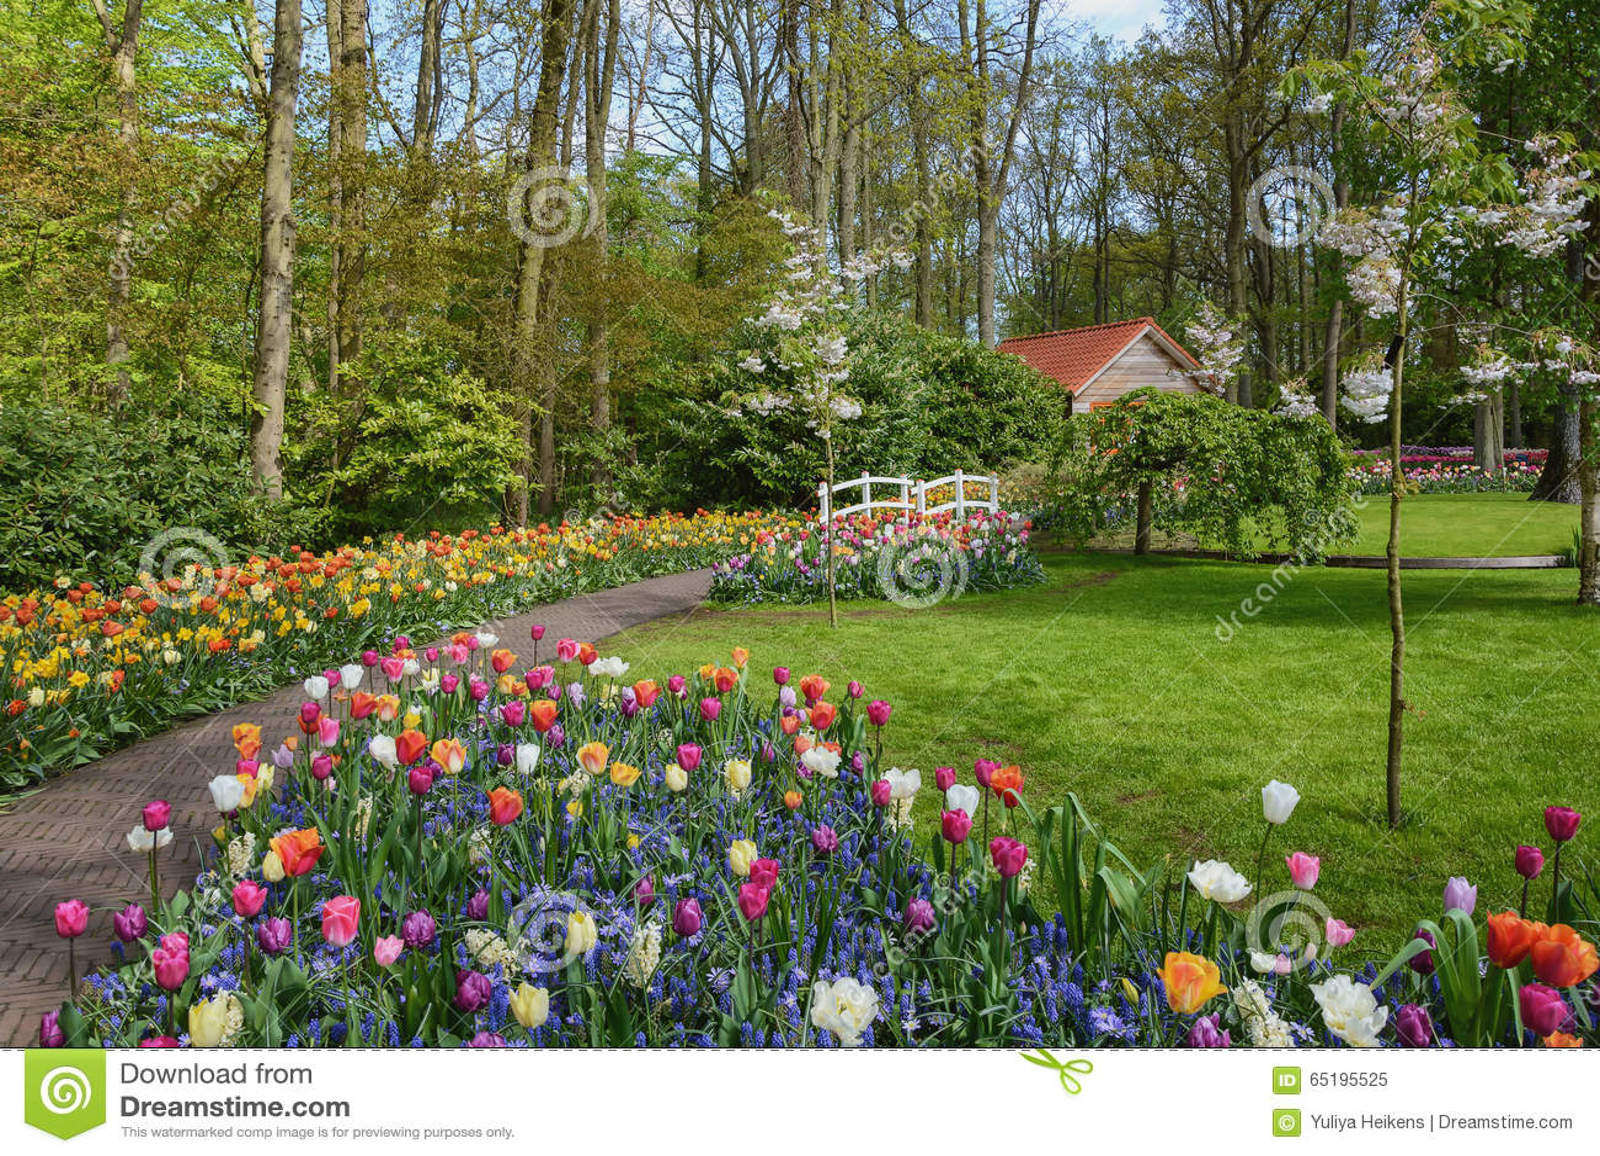 Giardino dei fiori casamia idea di immagine - Il giardino dei fiori segreti ...